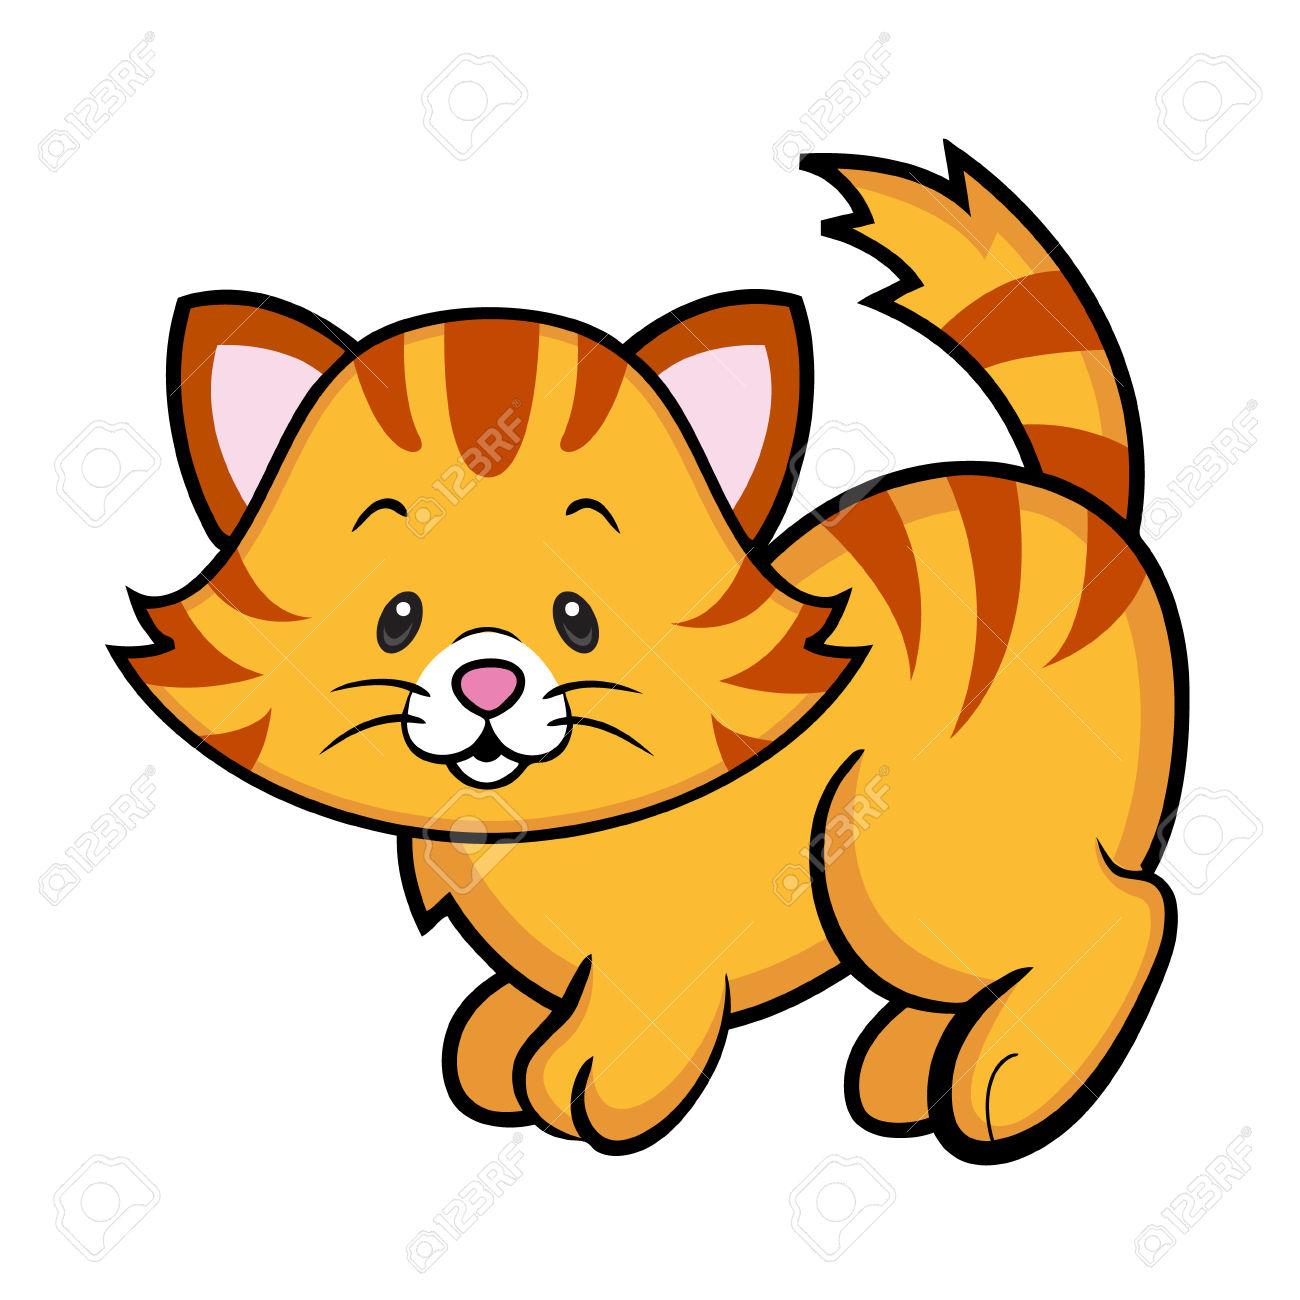 3845 Kitten free clipart.